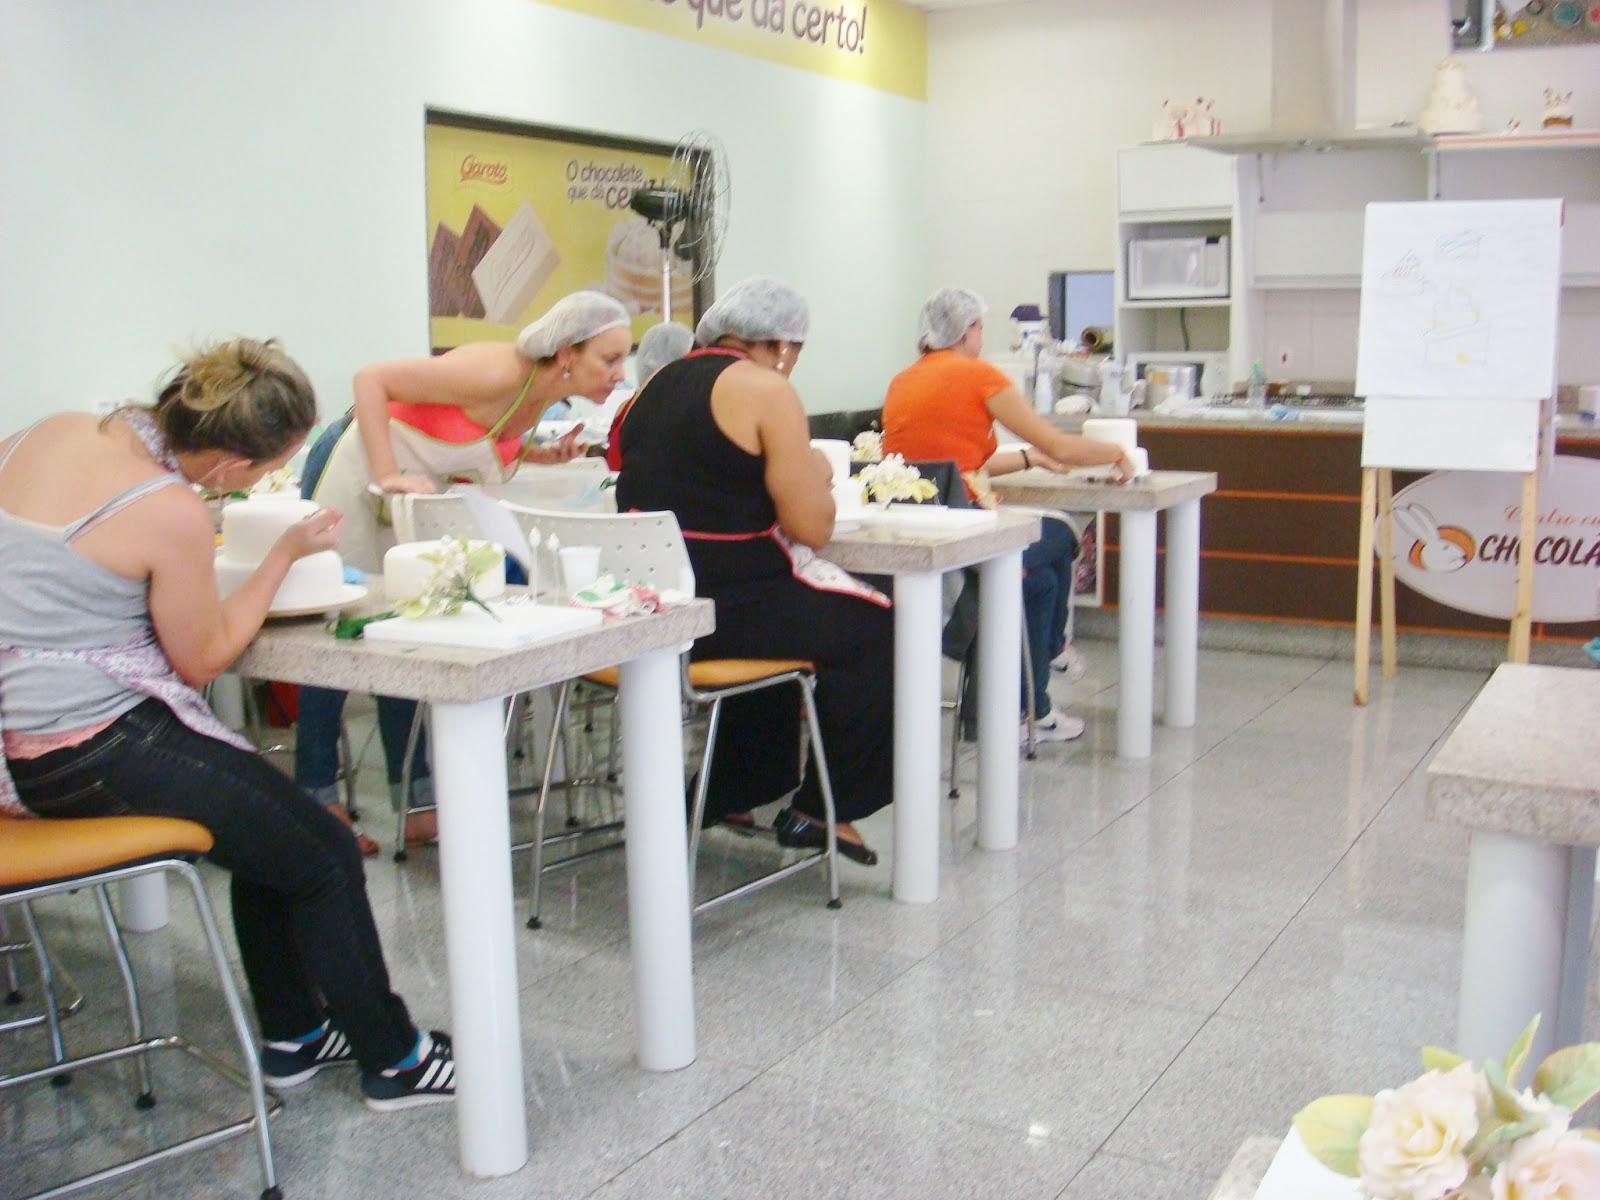 Curso De Cake Design Viseu : Sonho Pink: Curso de Cake Design em abril/2013 com a ...